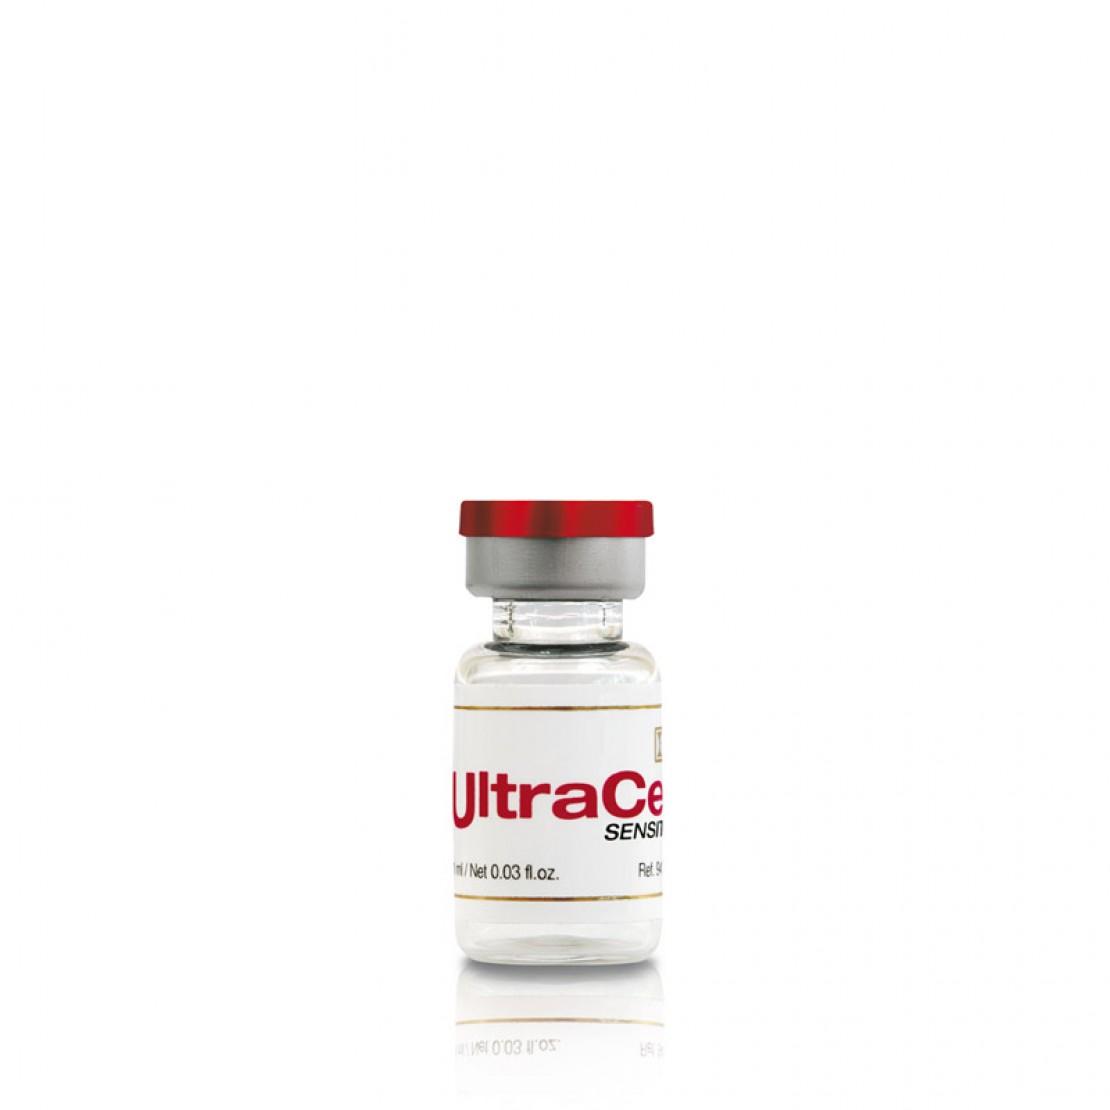 Интенсивная ревитализирующая клеточная сыворотка «Ультрасэлл» для чувствительной кожи